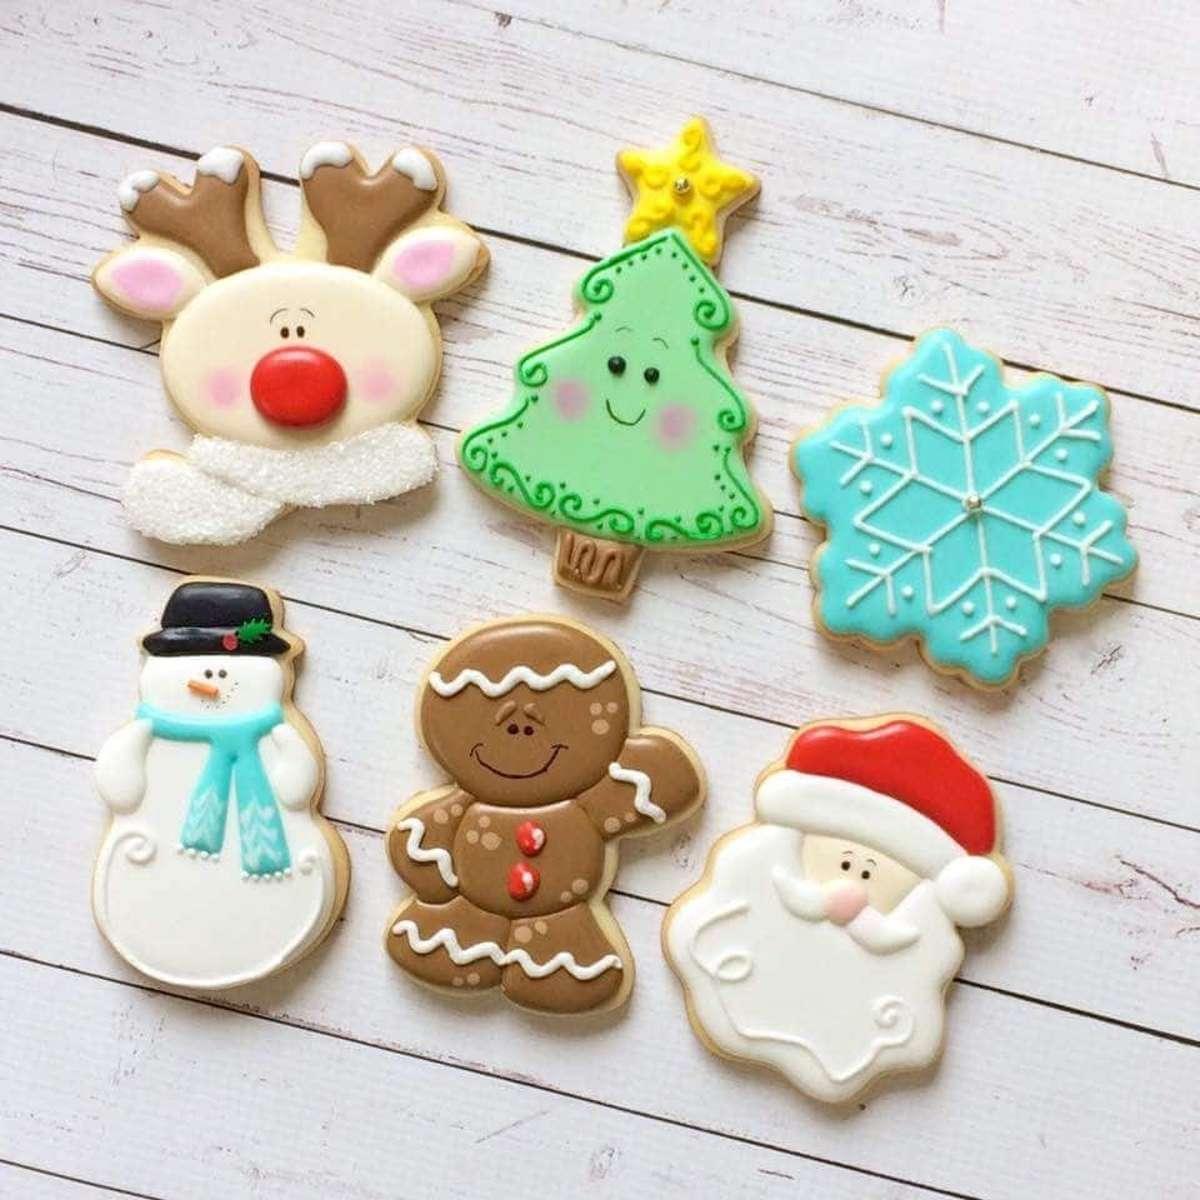 Recetas de galletas navideñas sencillas y sorprendentes 4